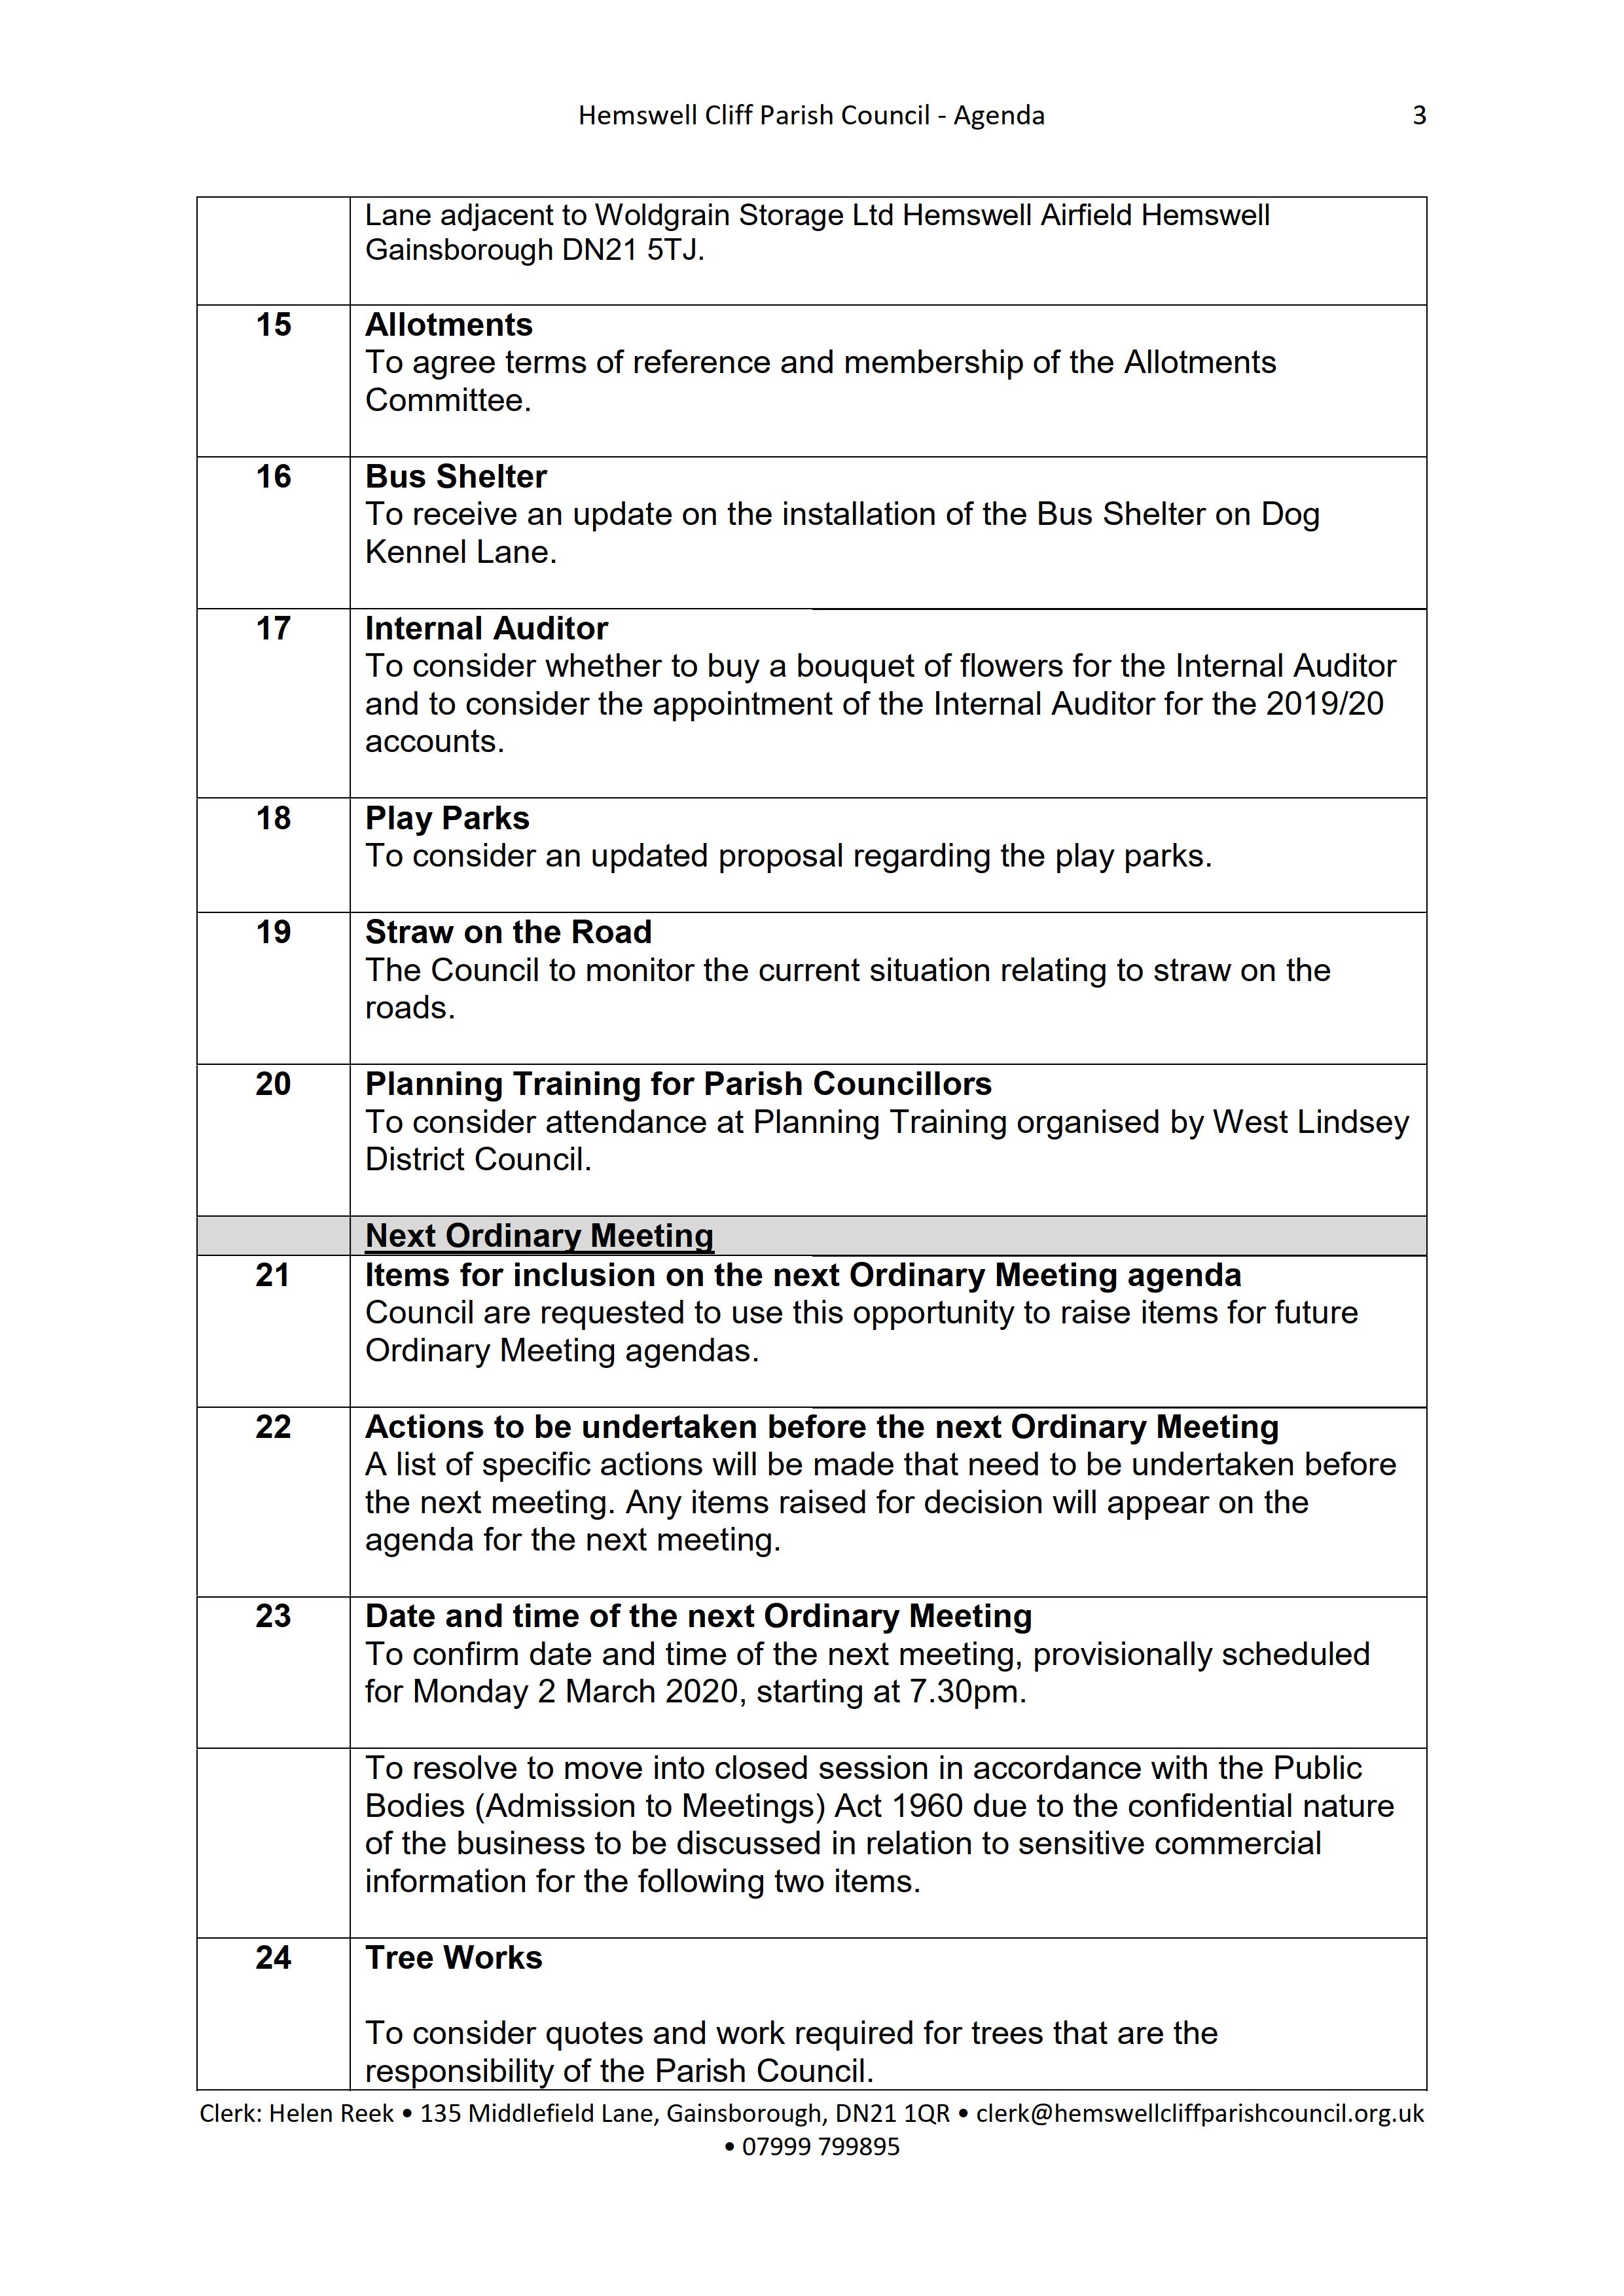 HCPC_Agenda_03.02.20_3.png